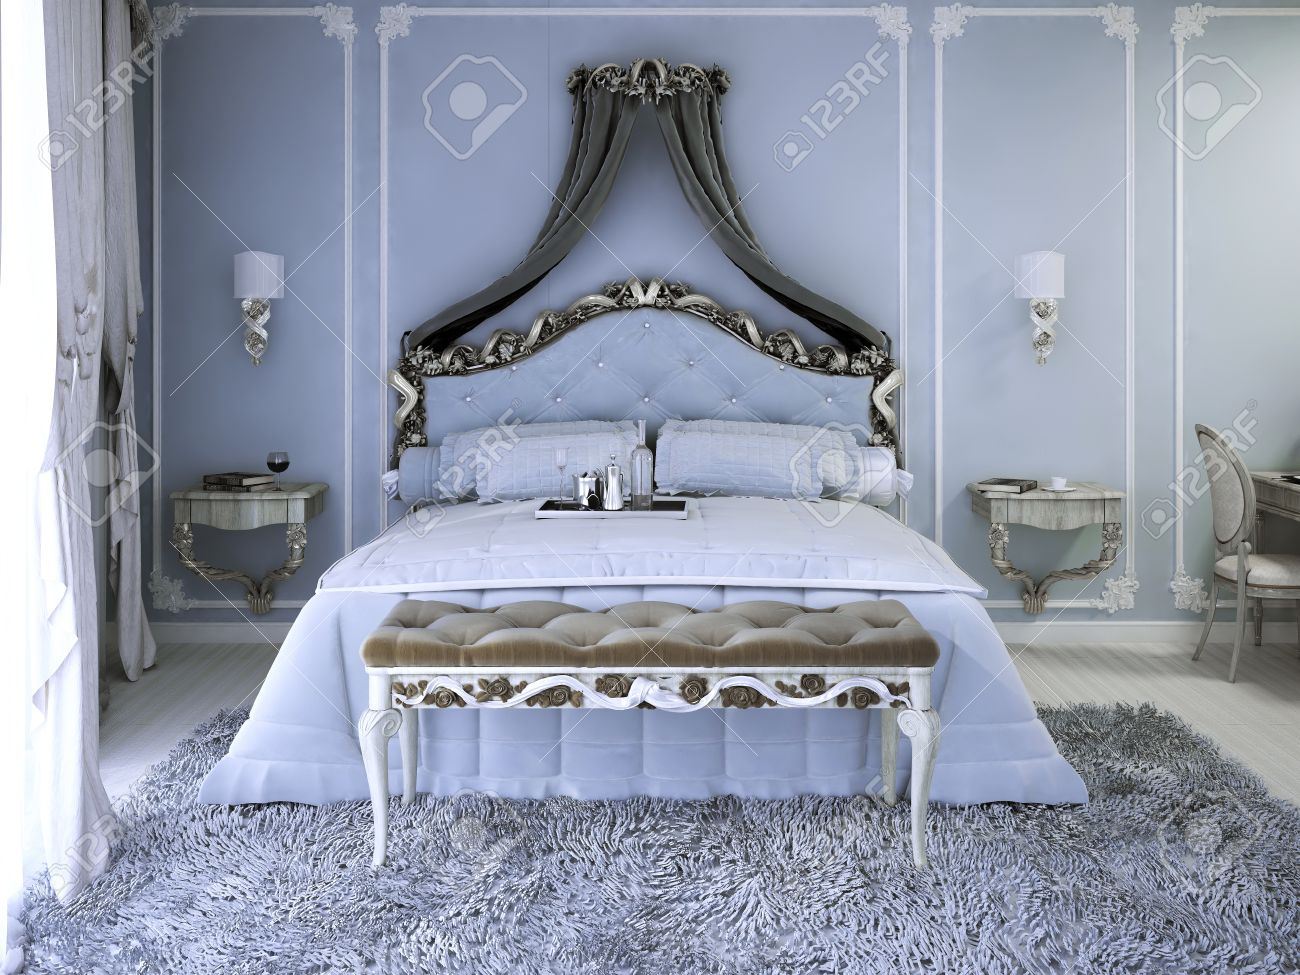 Lit Double Avec Rideau De Luxe Vue Royale Chambre Avec Des Murs Bleu Pâle Cochez Moquette Grise Et Sellerie Banc Avec Carcas En Bois Blanc 3d Render